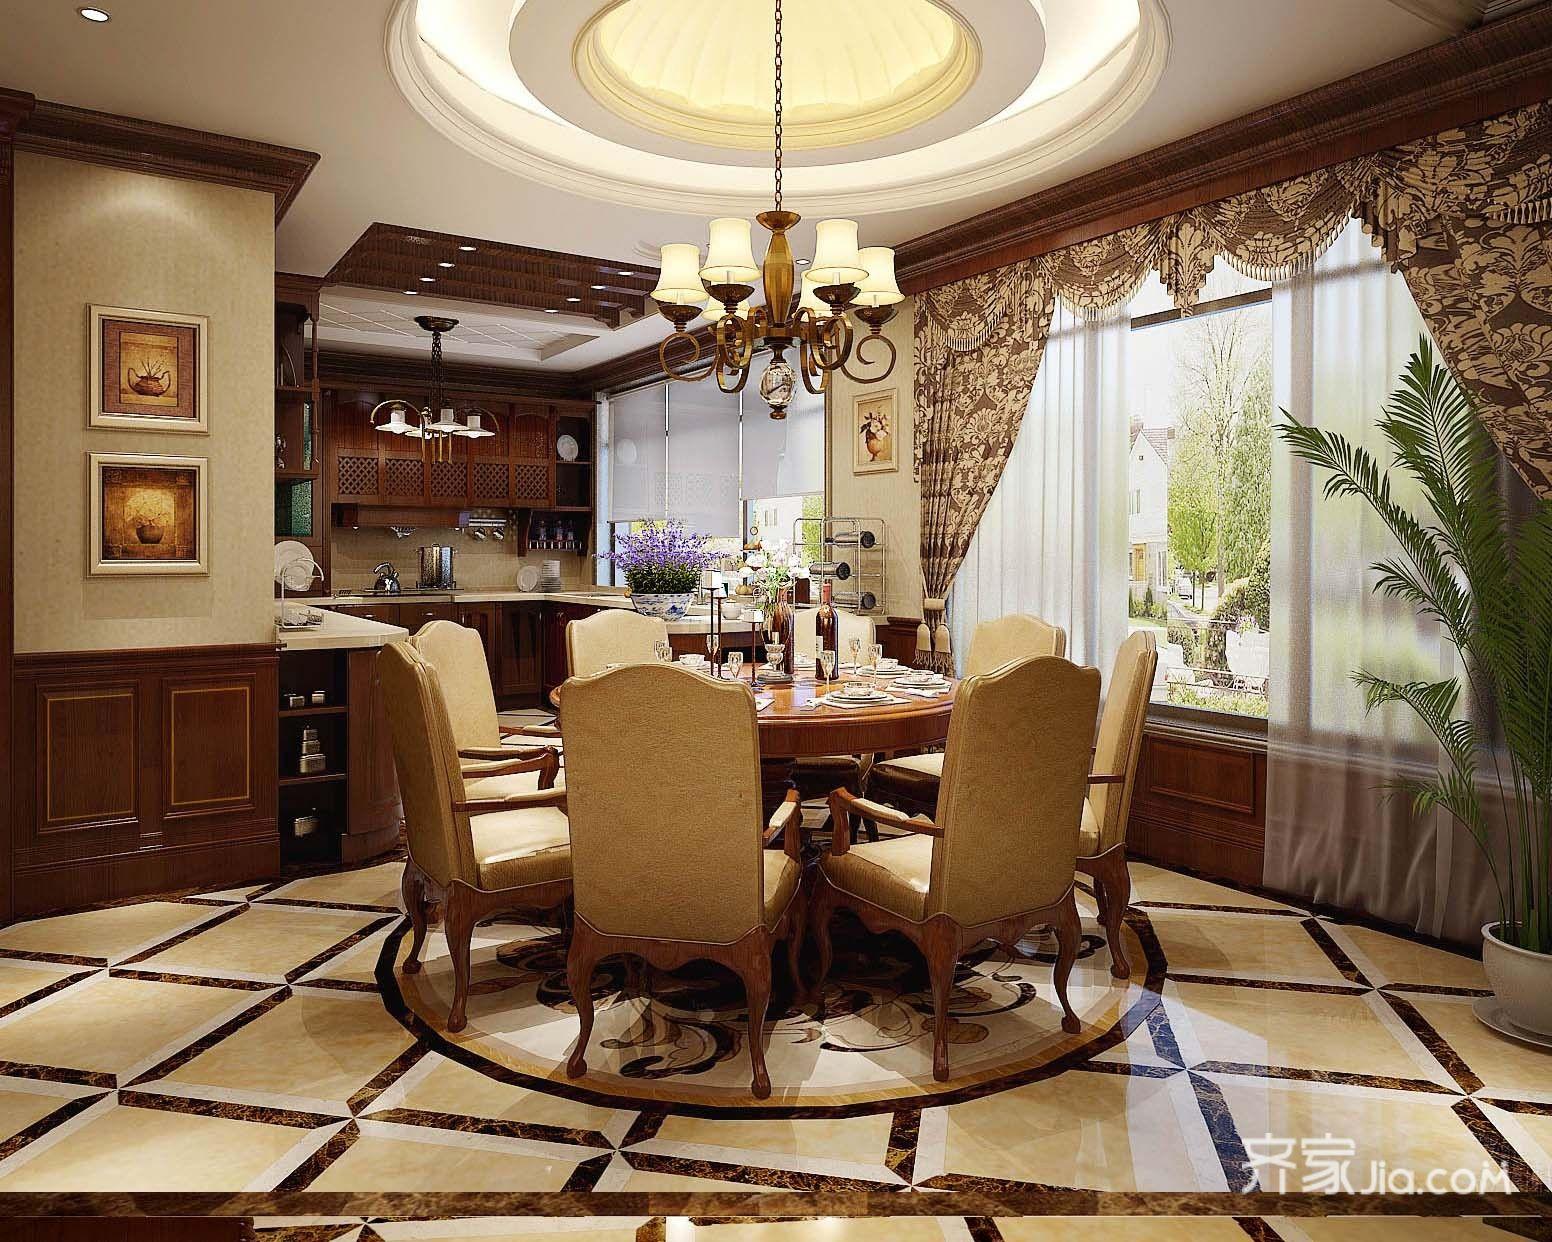 大户型欧式豪华别墅厨餐厅装修效果图